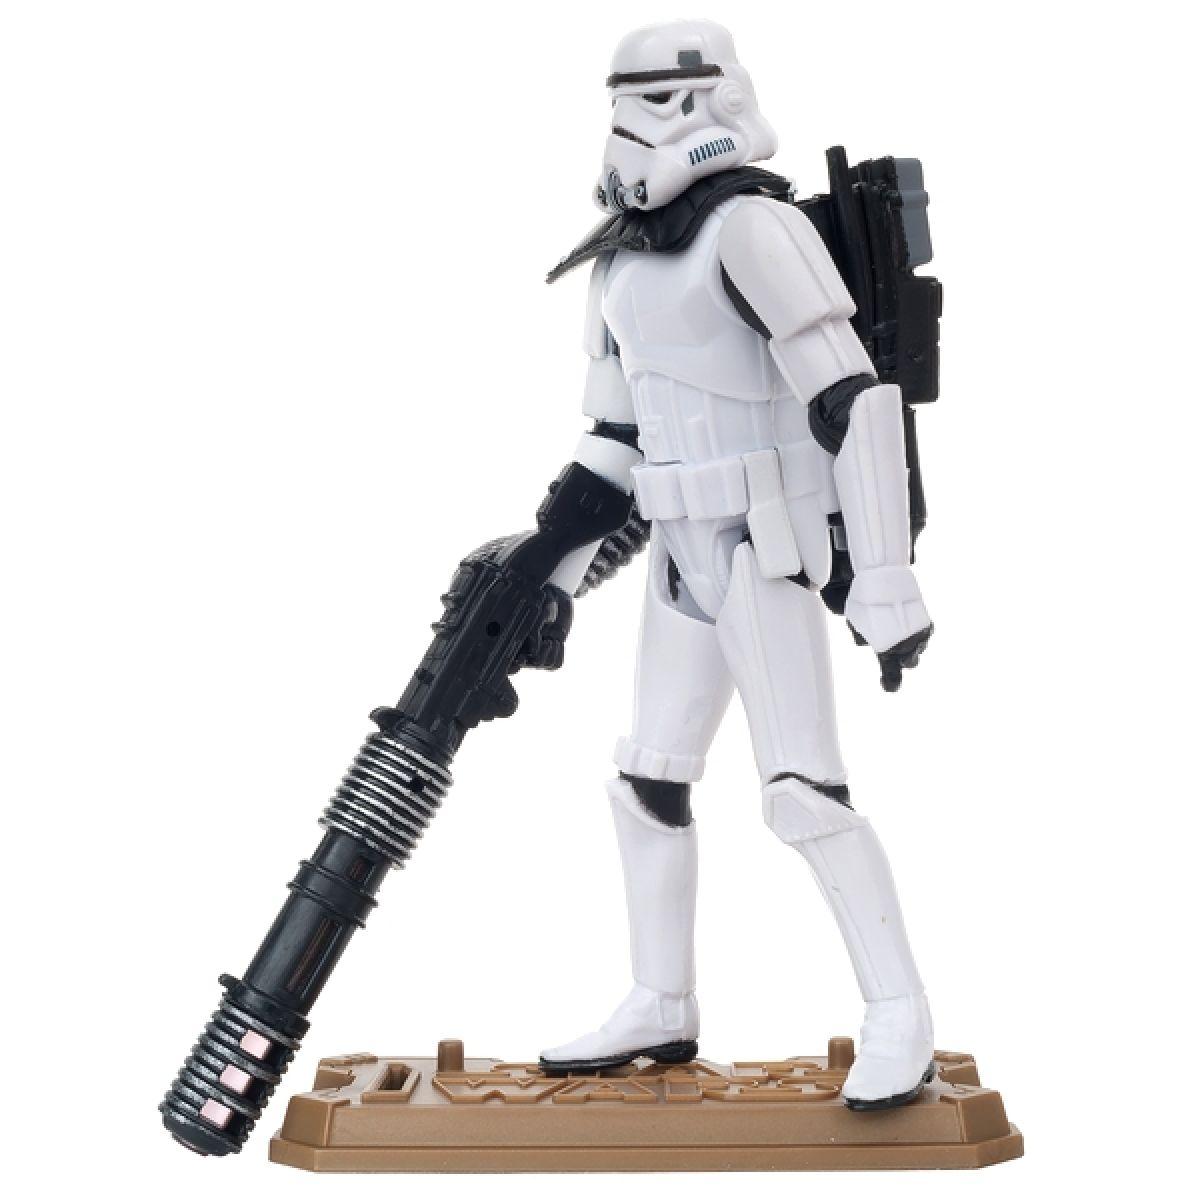 Star Wars akční figurky filmových hrdinů Hasbro - Sandtrooper